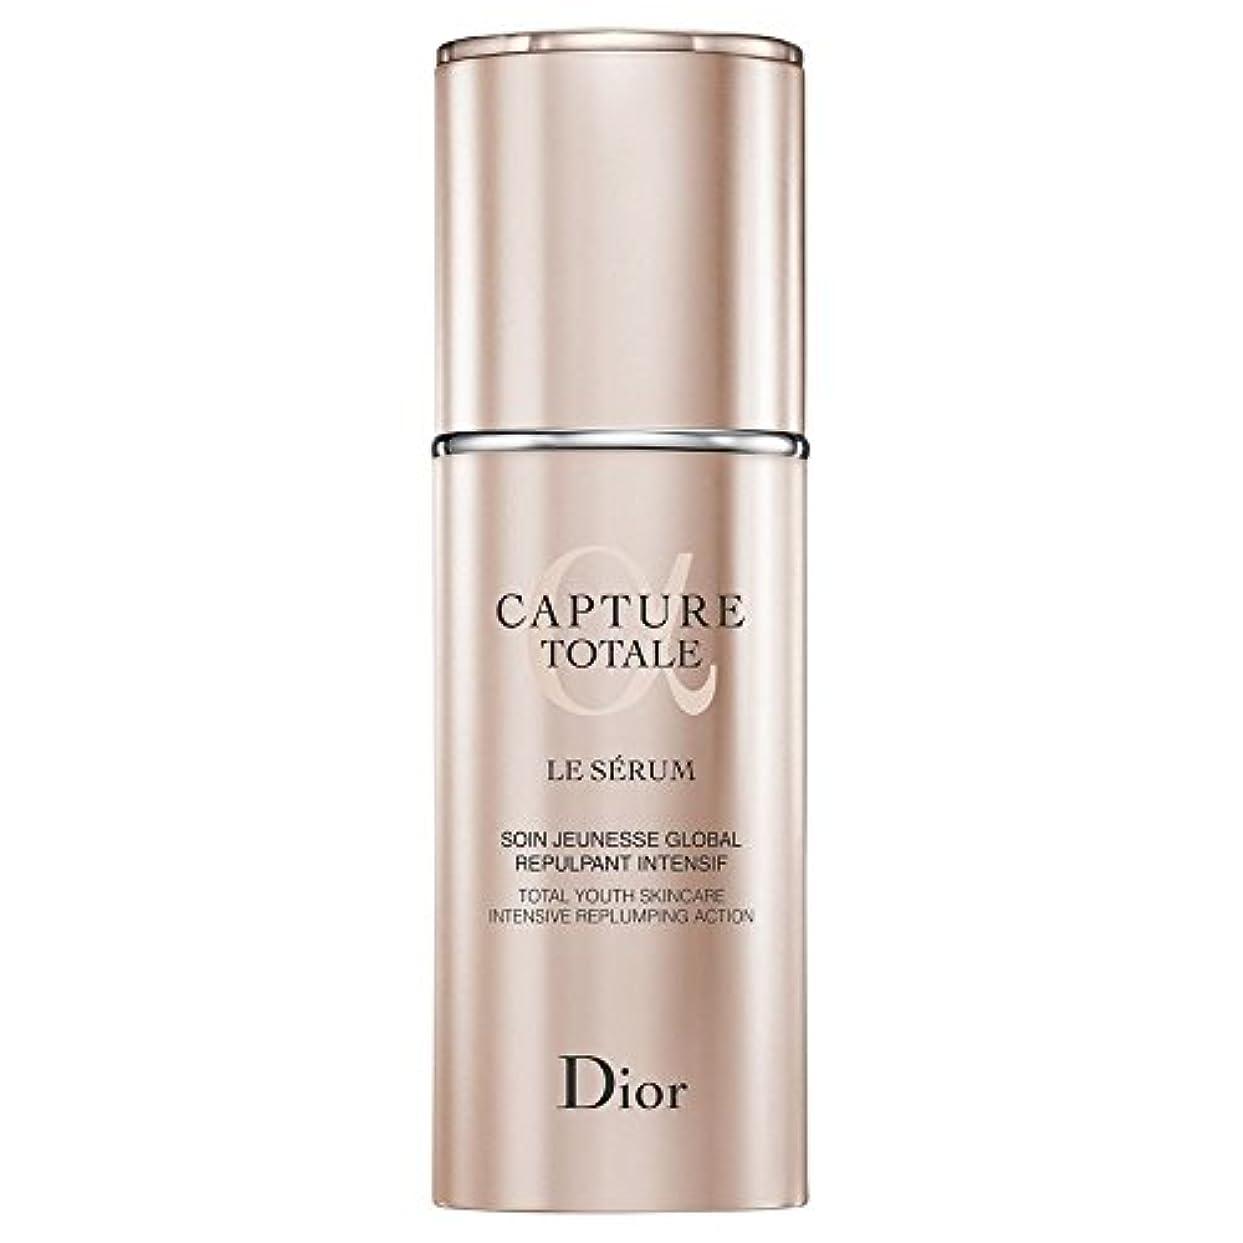 火山敬な呼吸する[Dior] ディオールカプチュールR60ル血清30ミリリットル - Dior Capture Totale Le Serum 30ml [並行輸入品]